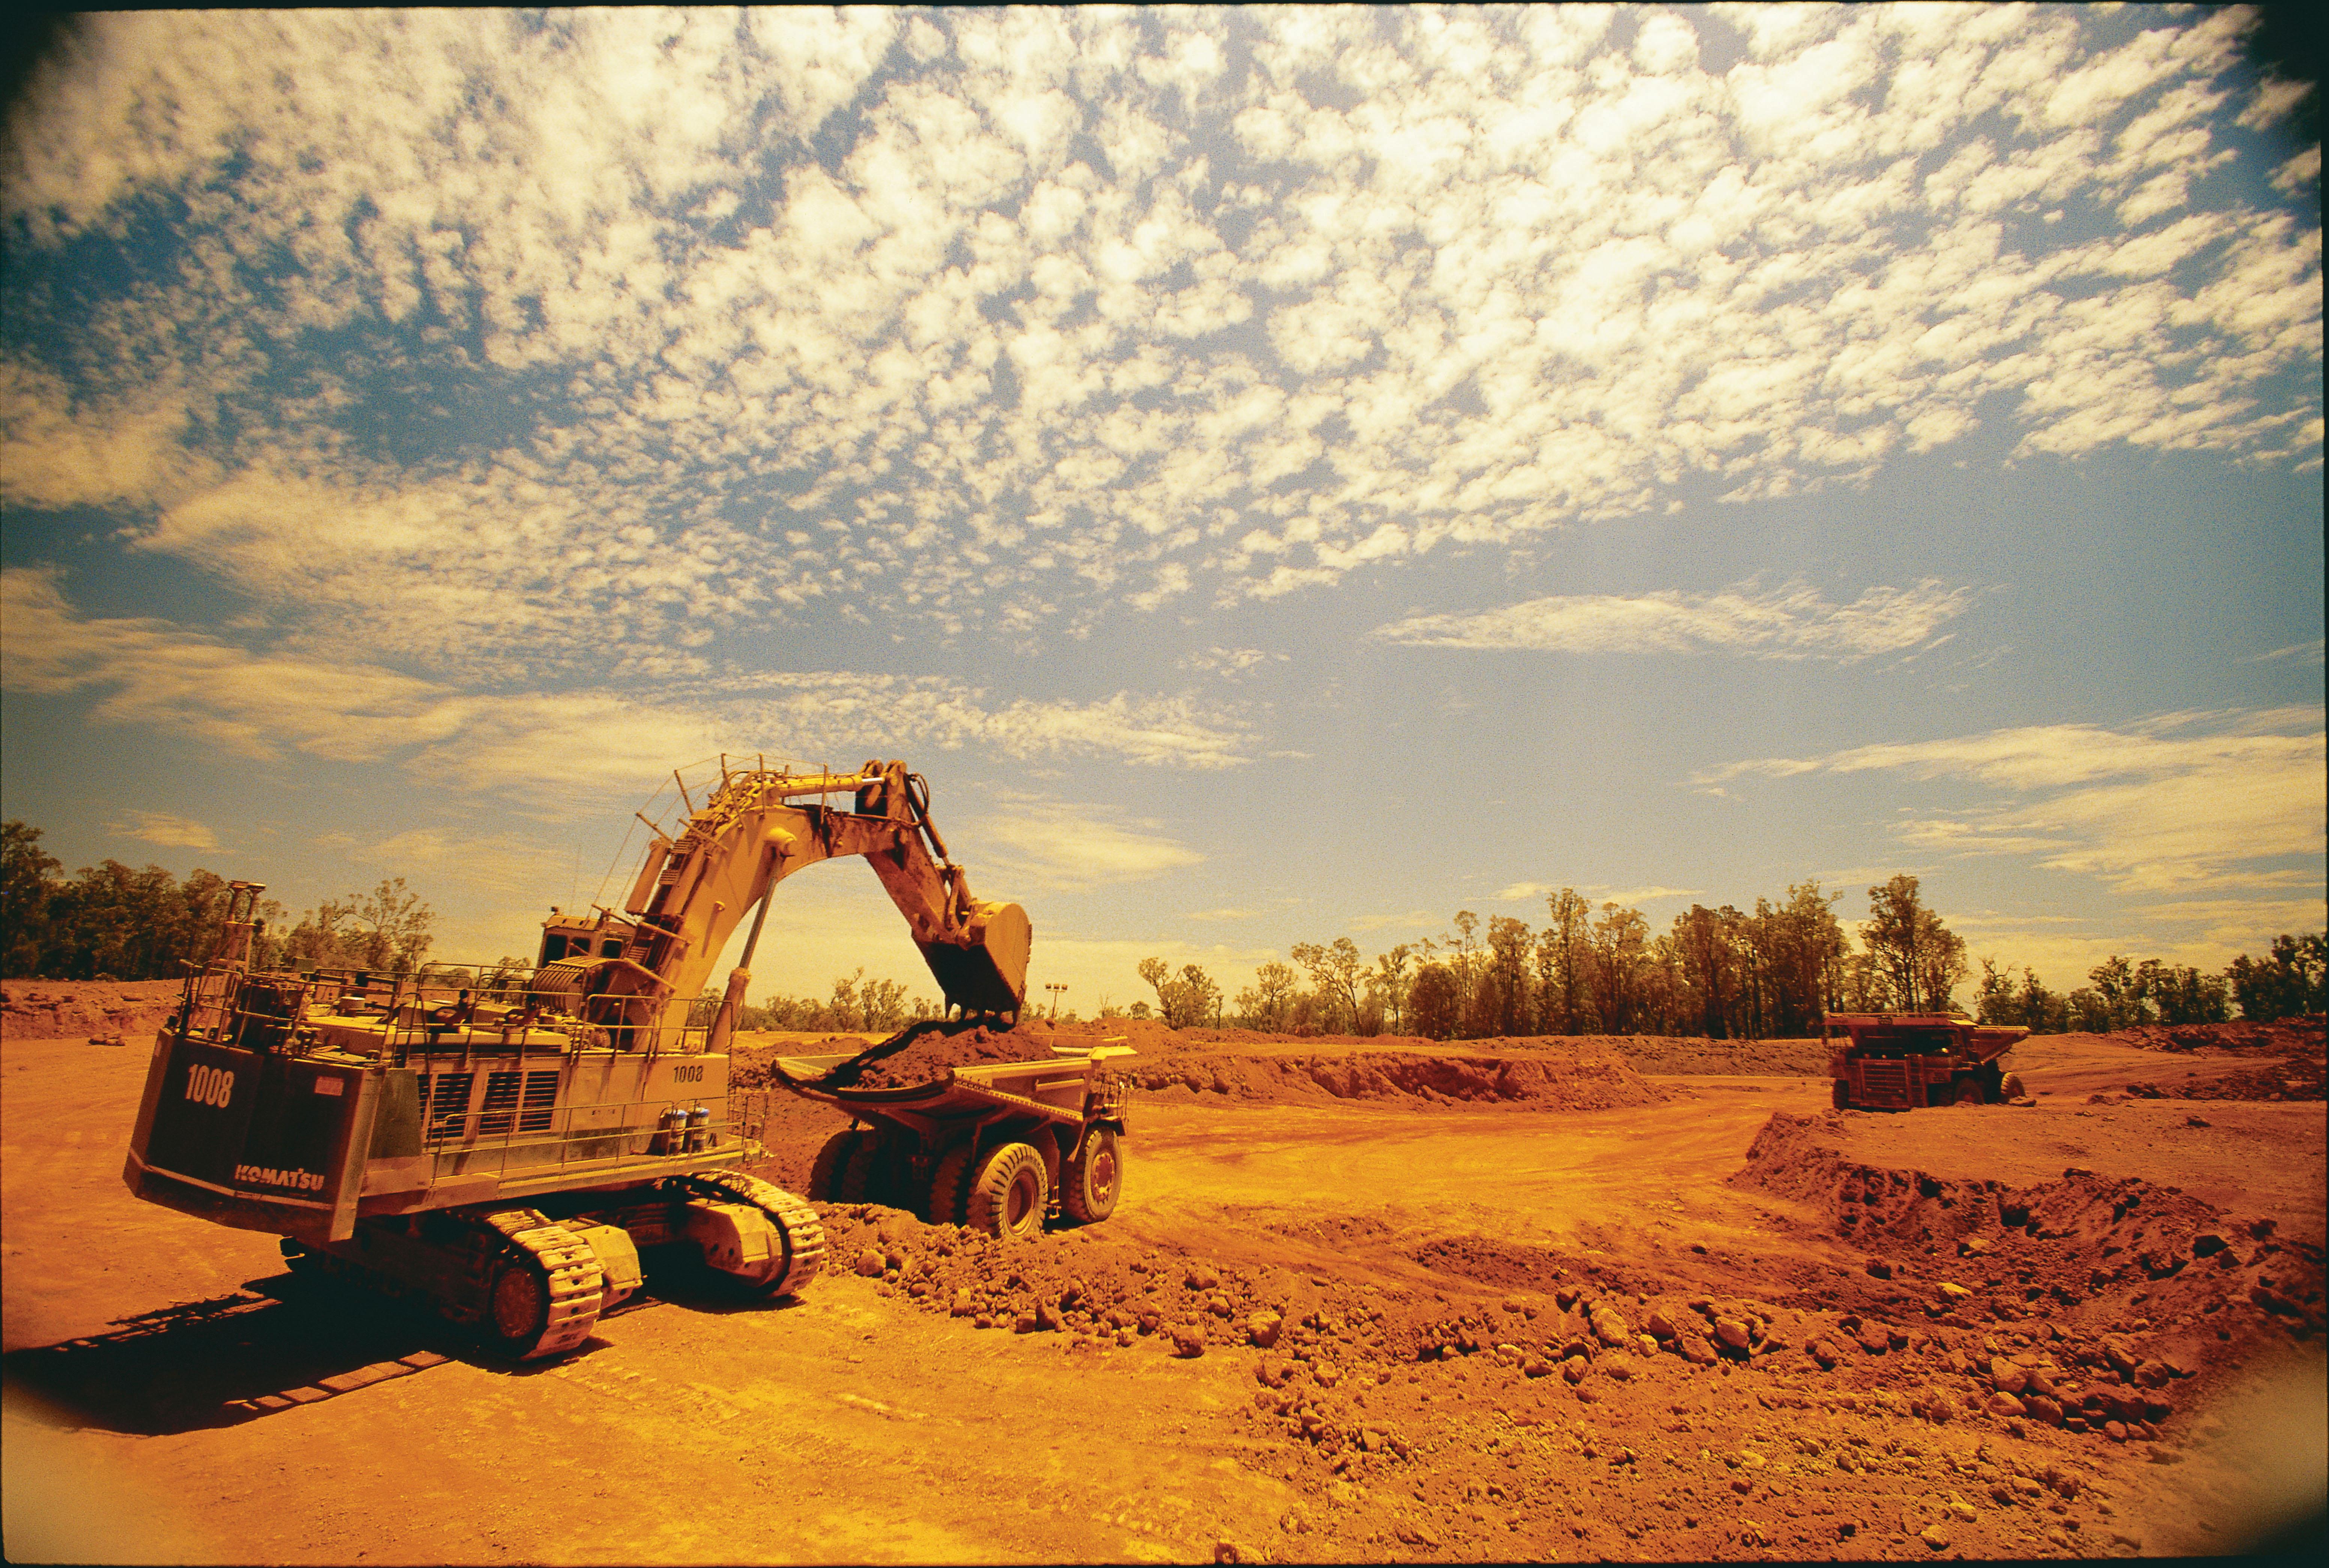 Մեկ տարվա ընթացքում Հայաստանի հանքարդյունաբերության ոլորտ է հոսել շուրջ 135 մլն դոլարի օտարերկրյա ներդրում